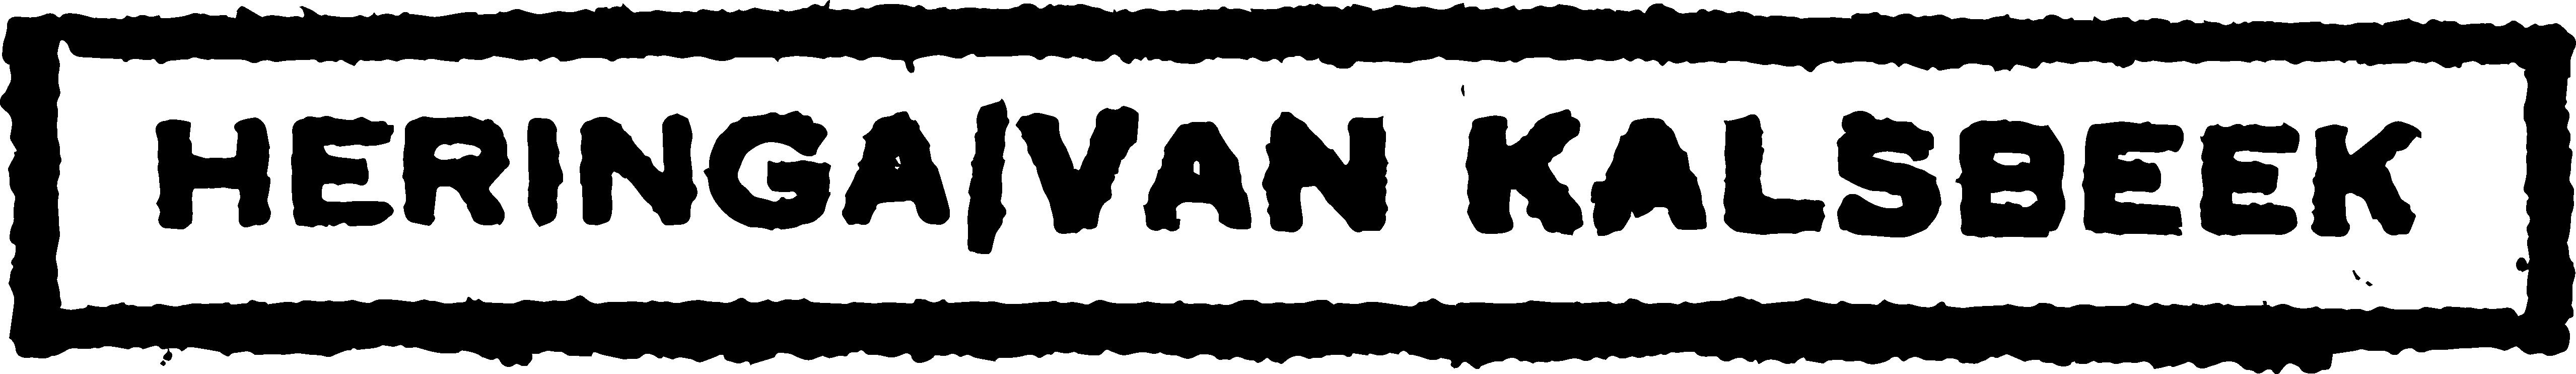 Heringa/Van Kalsbeek